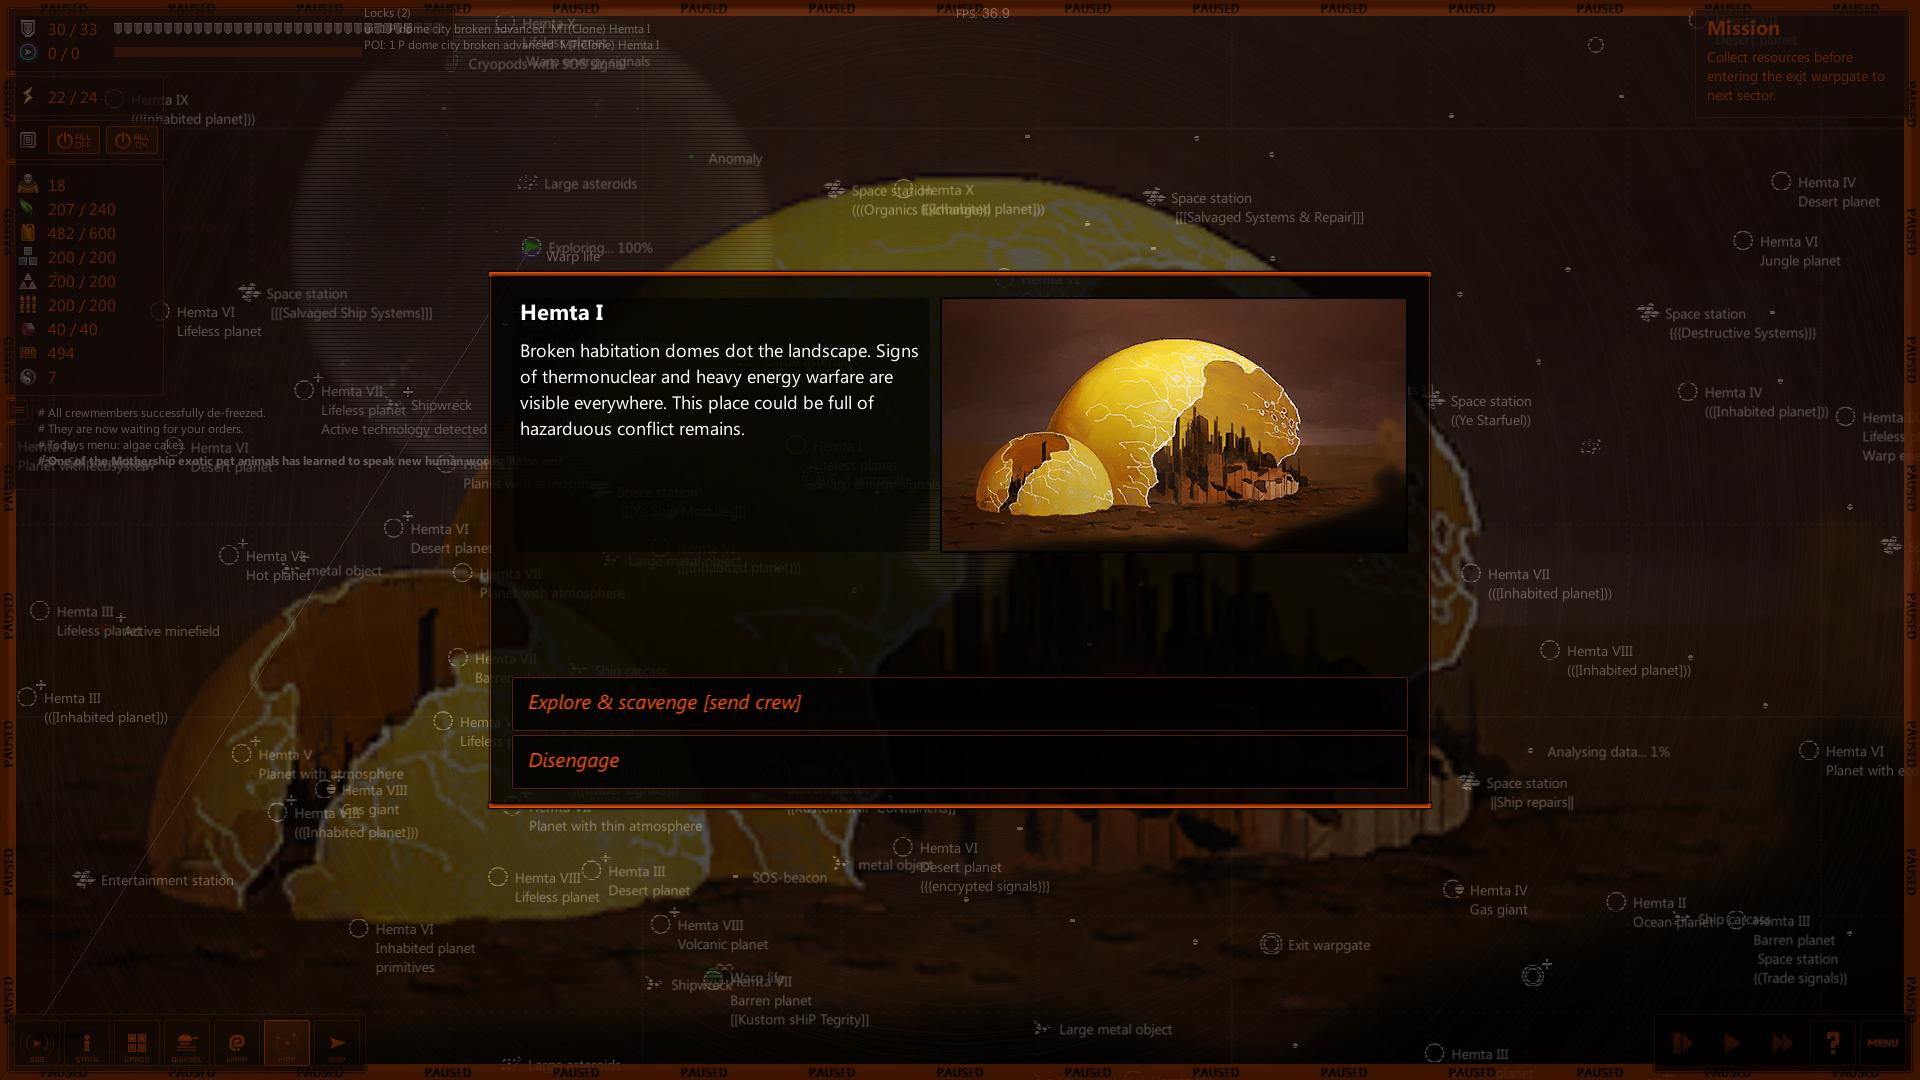 ST-Earth_screenshot43.png